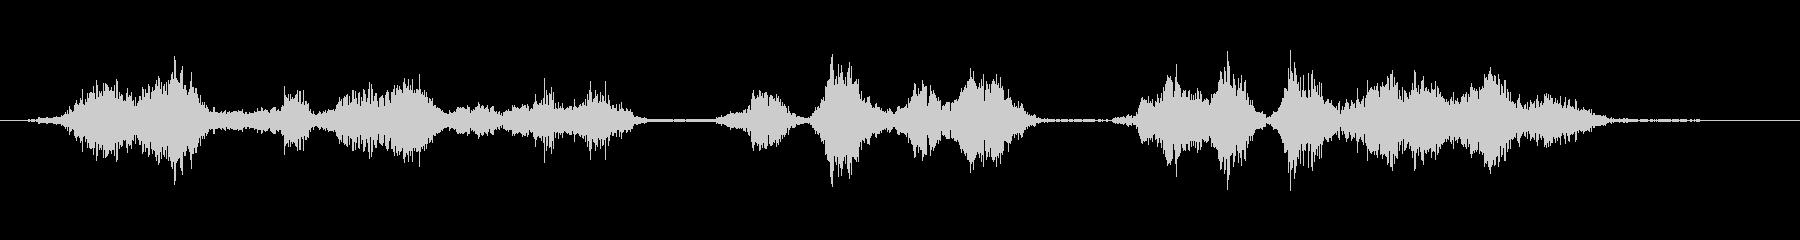 群集 Evoke 06ノーマル02の未再生の波形